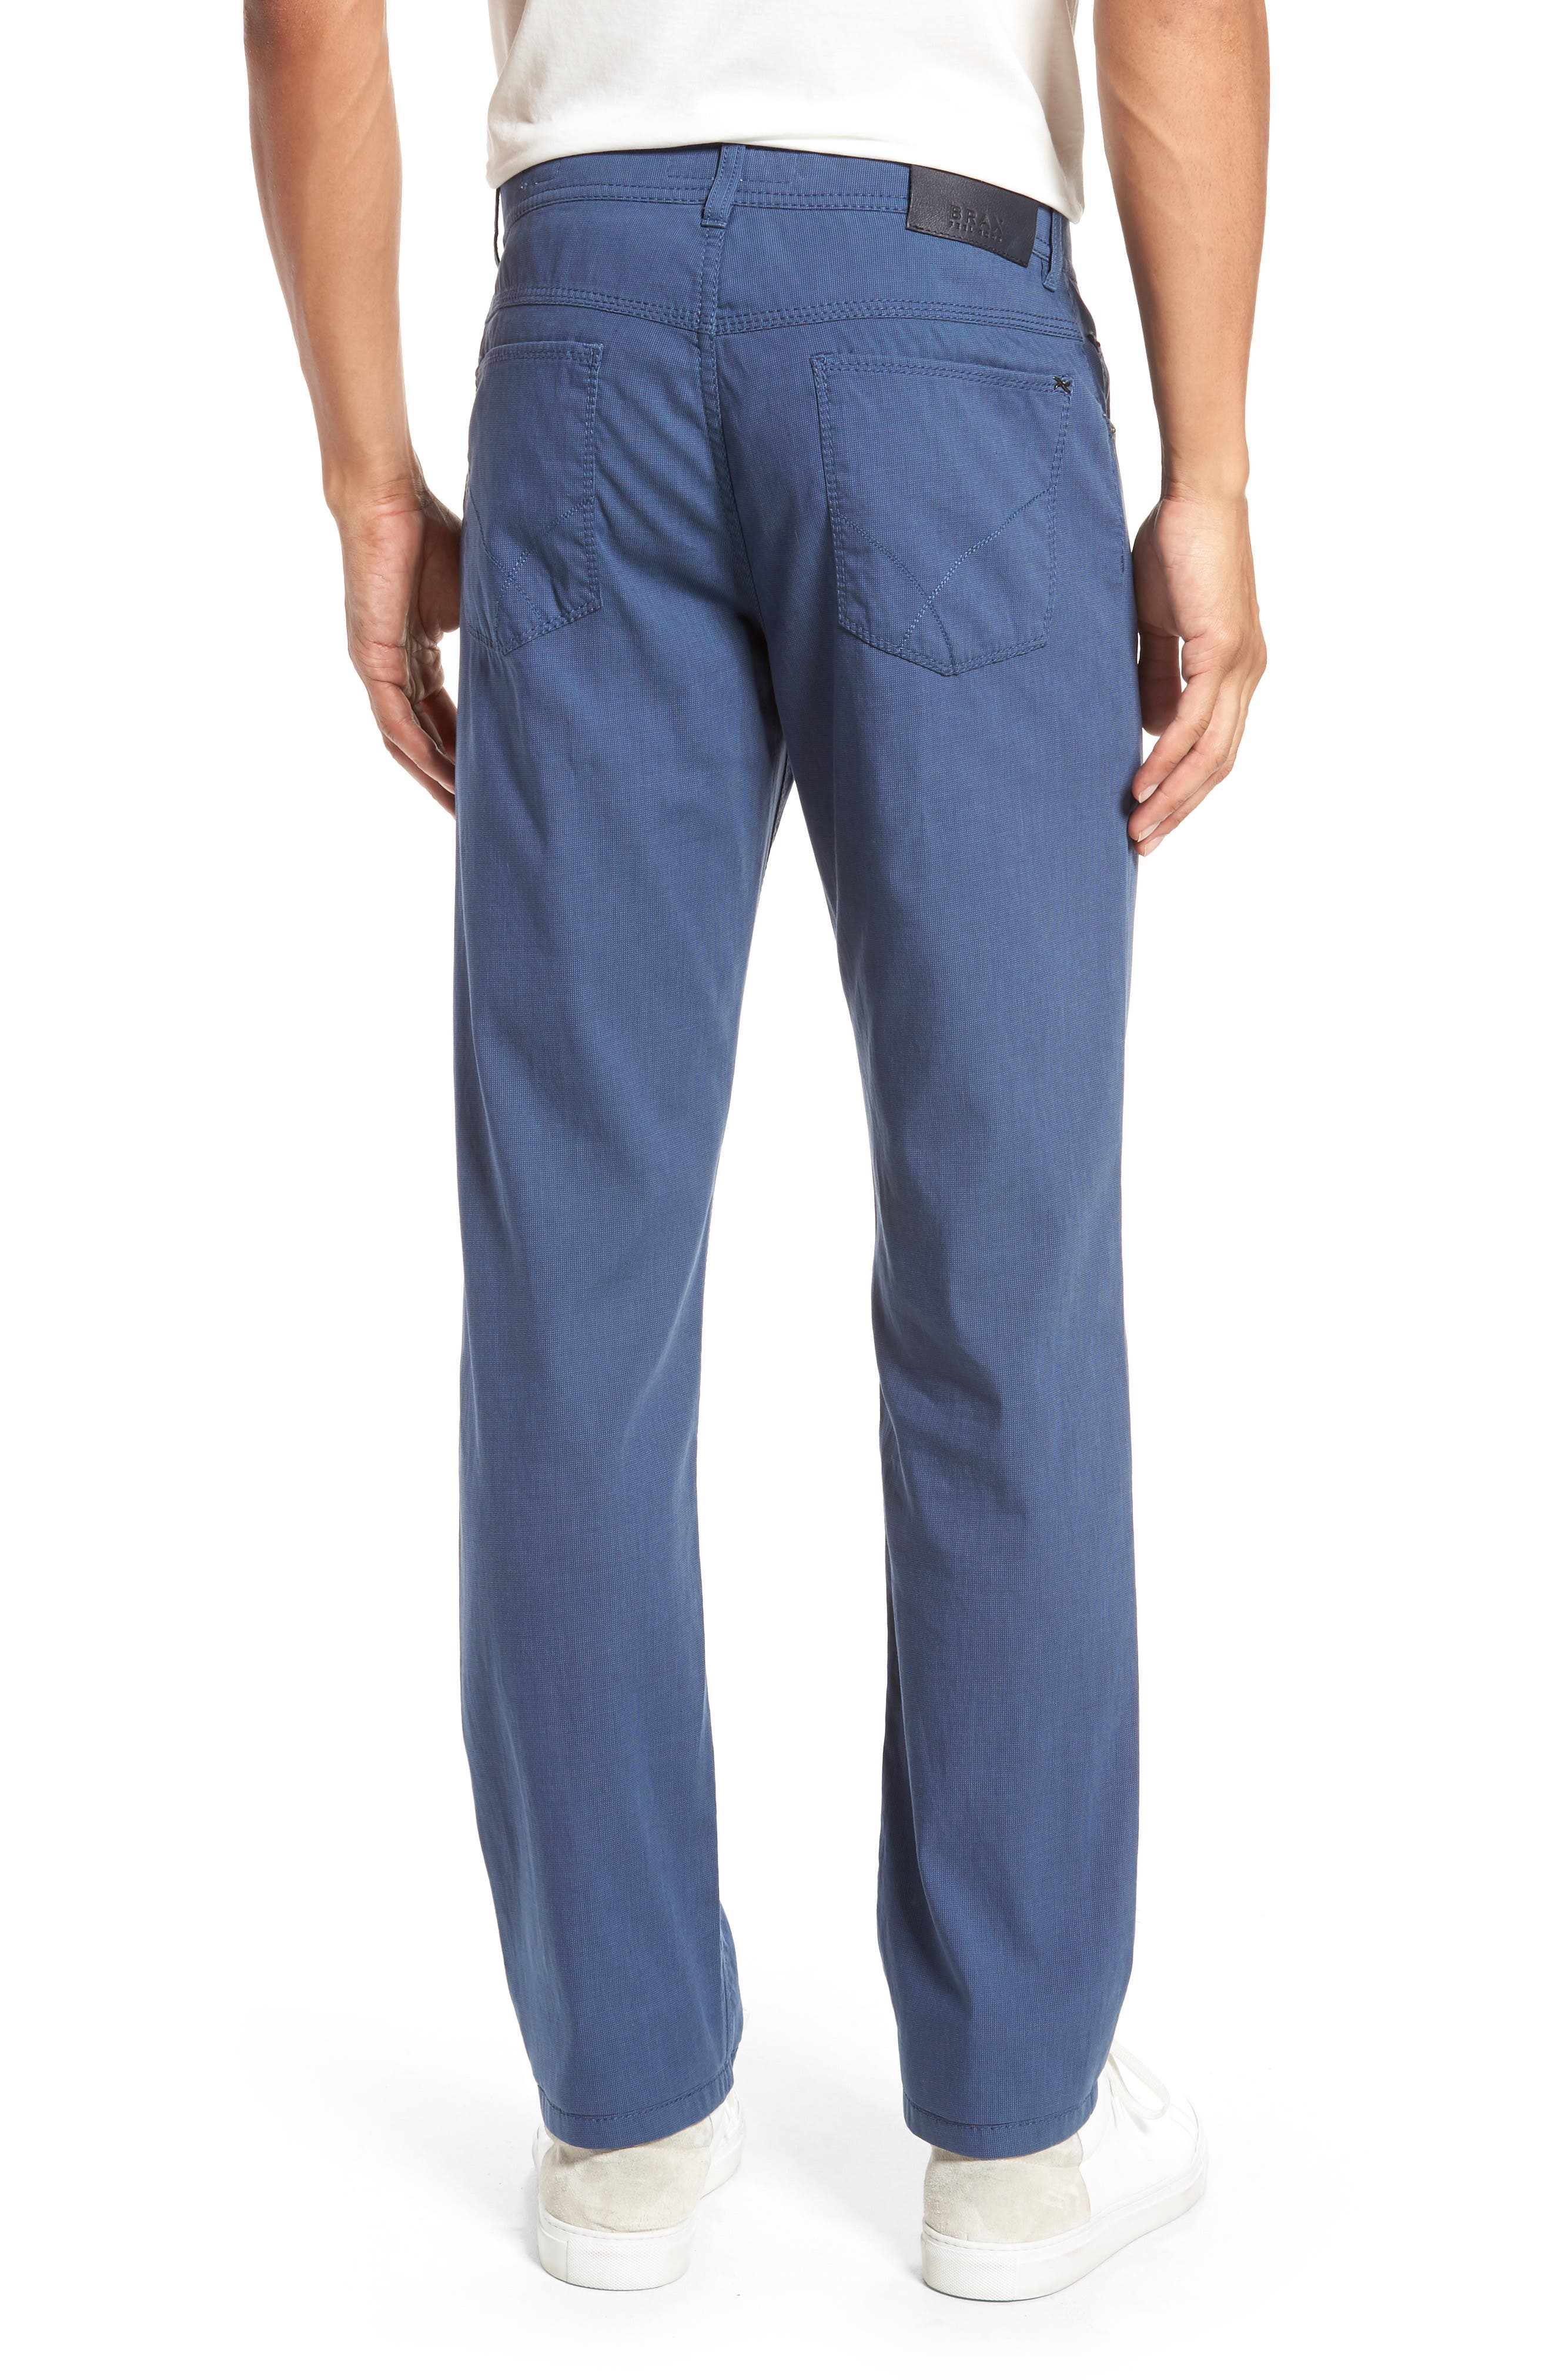 Sensation Stretch Trousers,                             Alternate thumbnail 2, color,                             BLUE